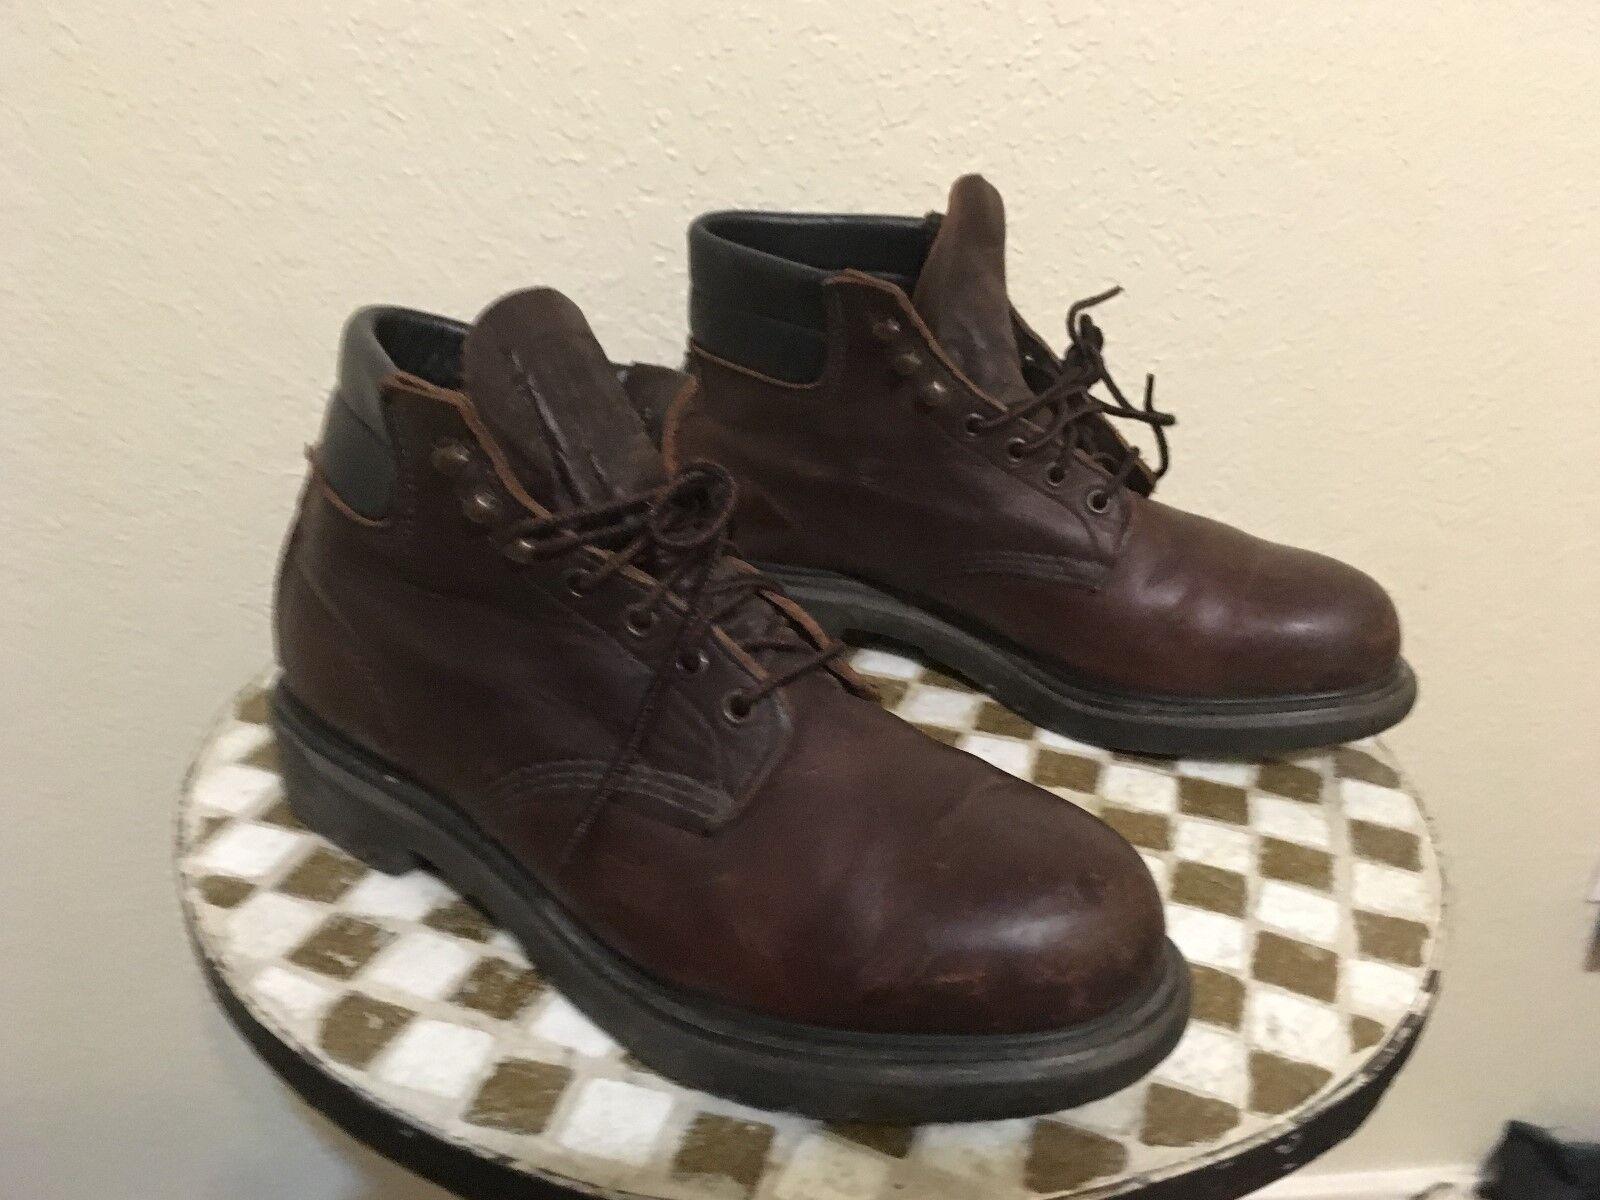 Puntera de acero EE. UU. con aspecto envejecido rojo sangre WING 2333 botas Con Cordones Vintage USA 10.5 D